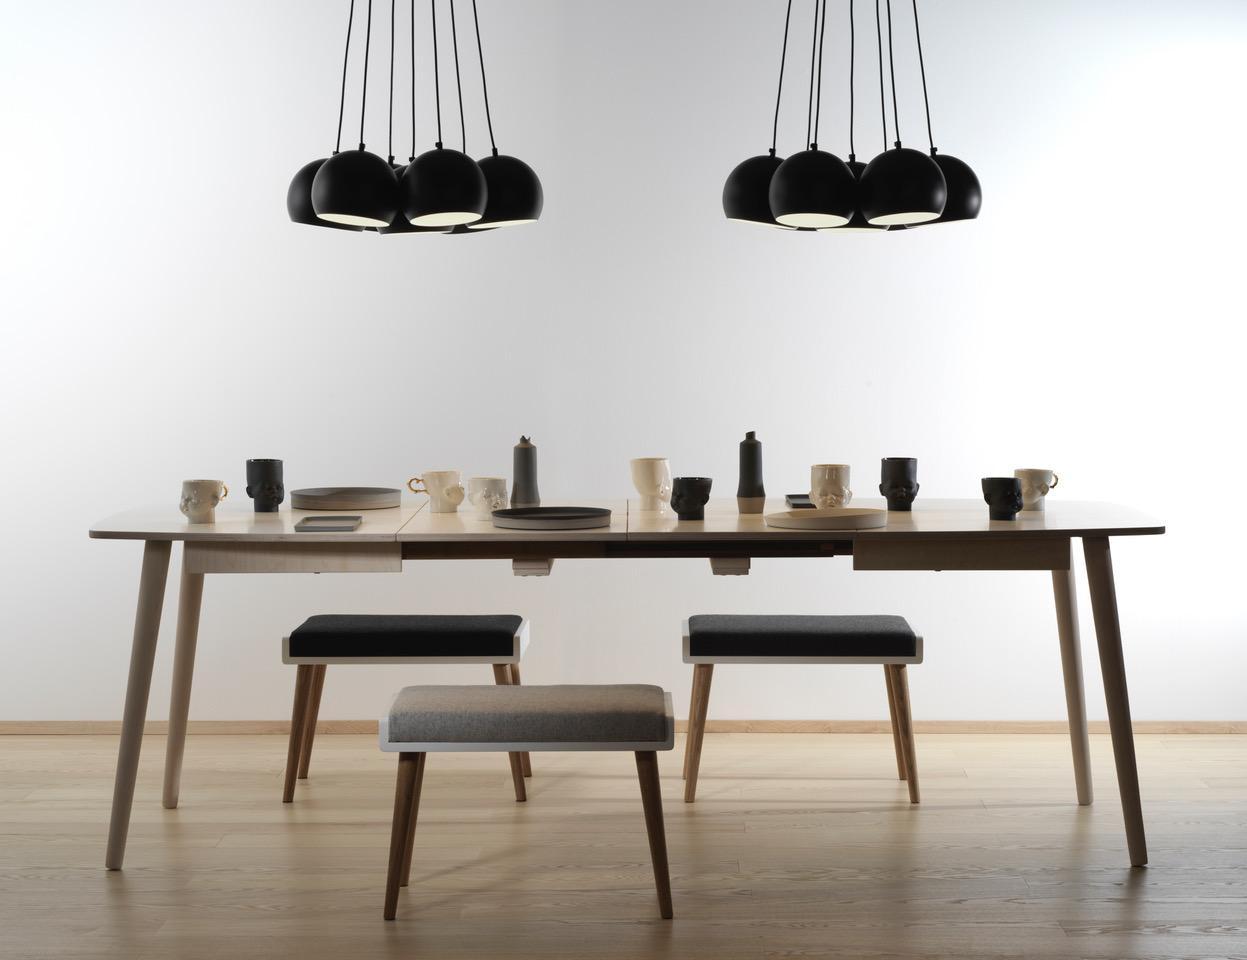 Ausziehbare Küchentisch aus Holz - skandinavisches Design